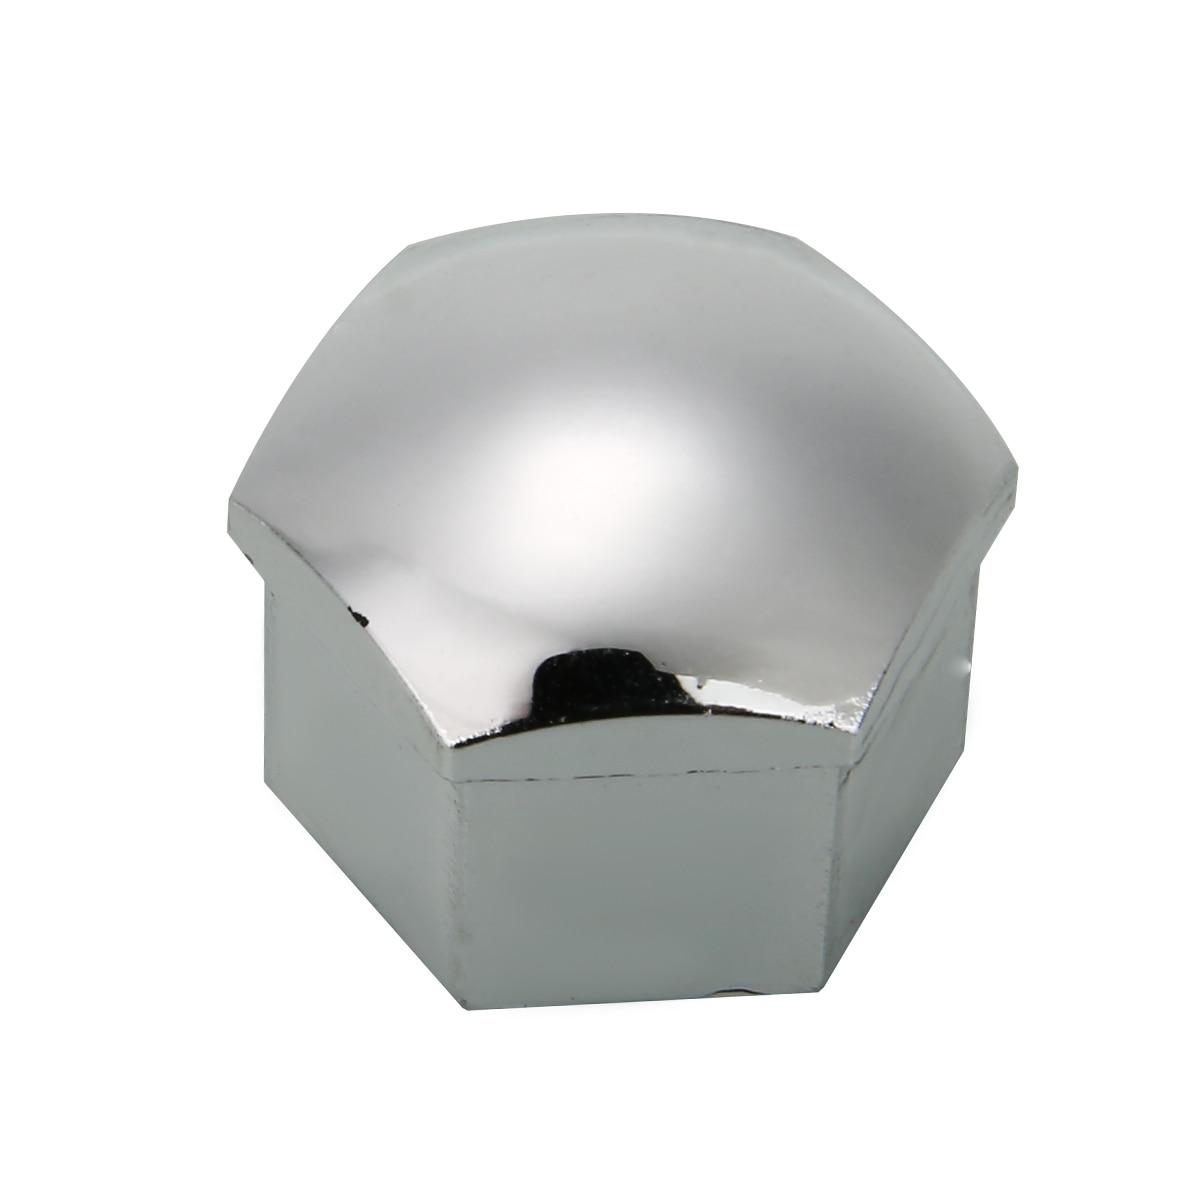 20pcs 17mm Wheel Nut Bolt Head Cover Cap Protective Bolt Caps Exterior Decoration Protecting Bolt Rims